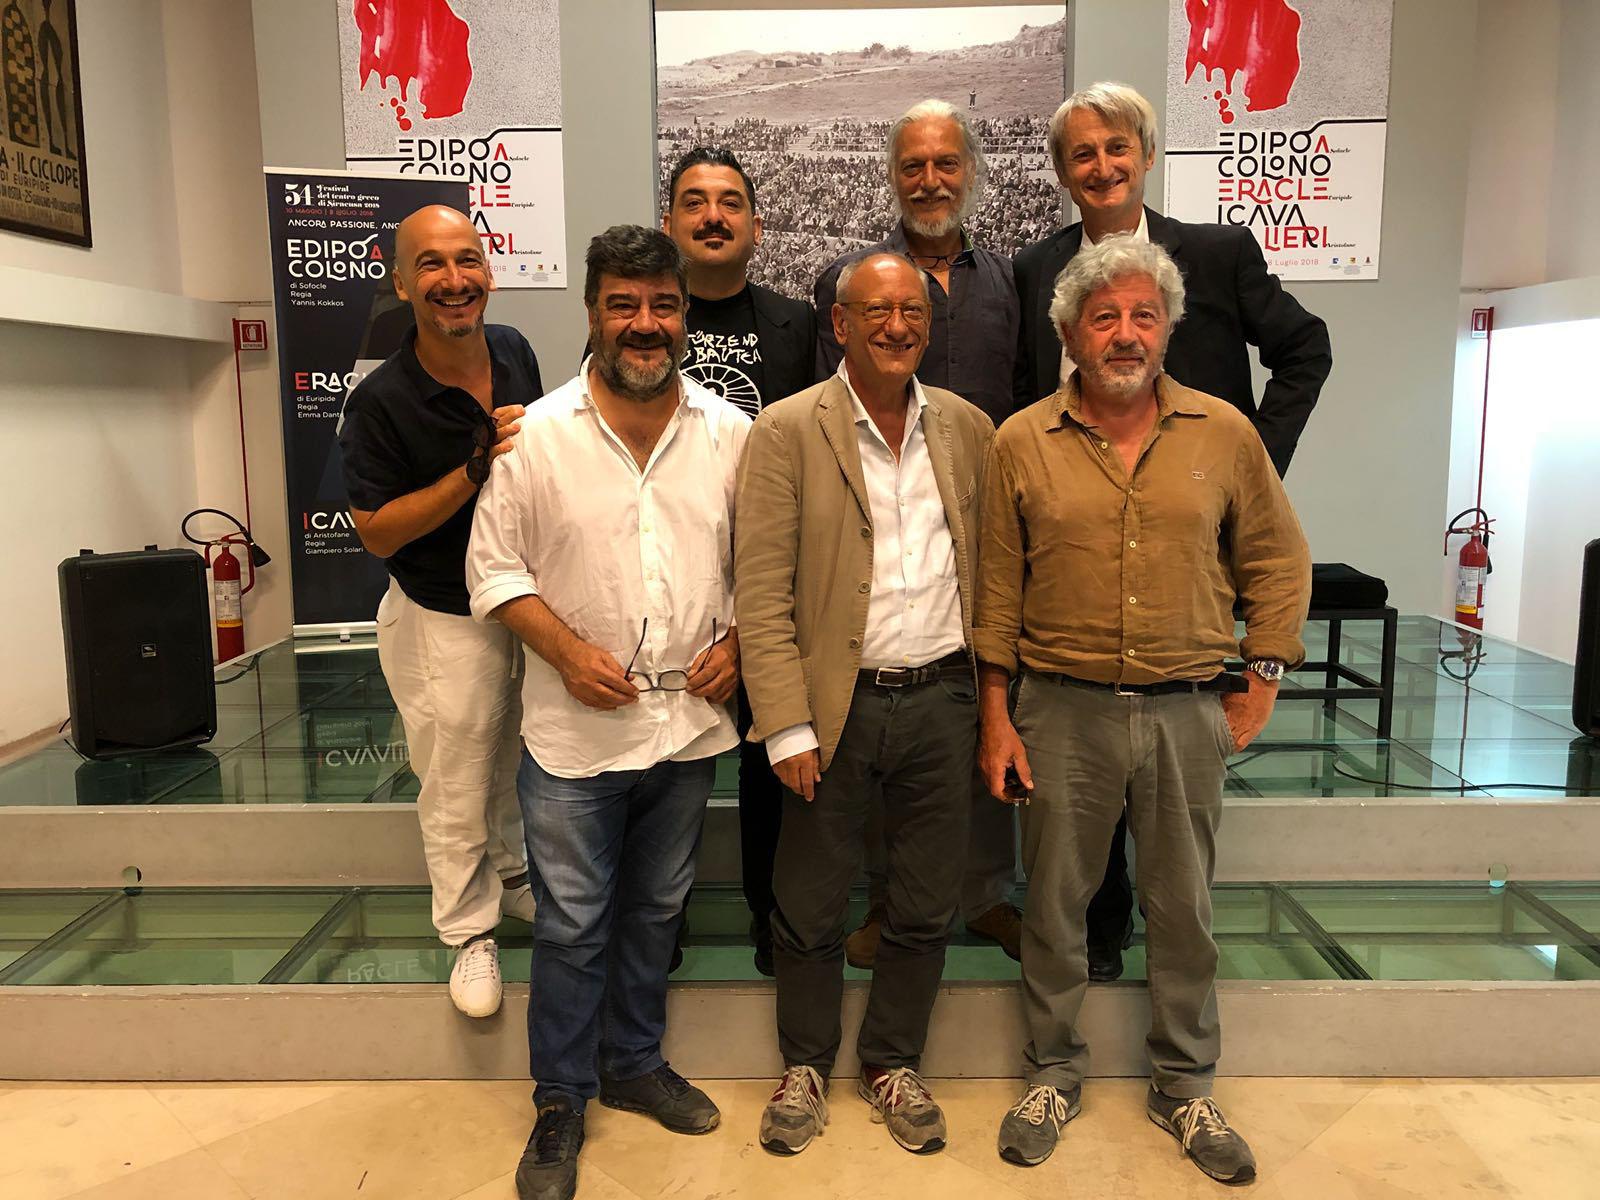 Da sinistra Mancinelli, Pannofino, Solari, Catania; in alto, da sinistra Paci, Alberti e Pinelli